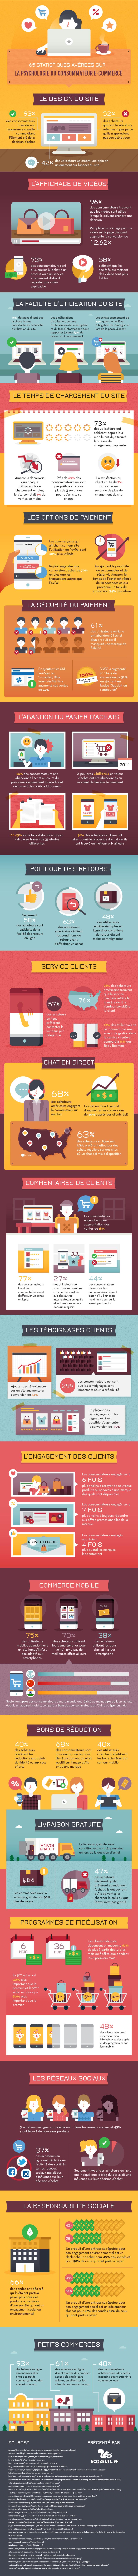 e-commerce-habitudes-ecoreuil-infographie